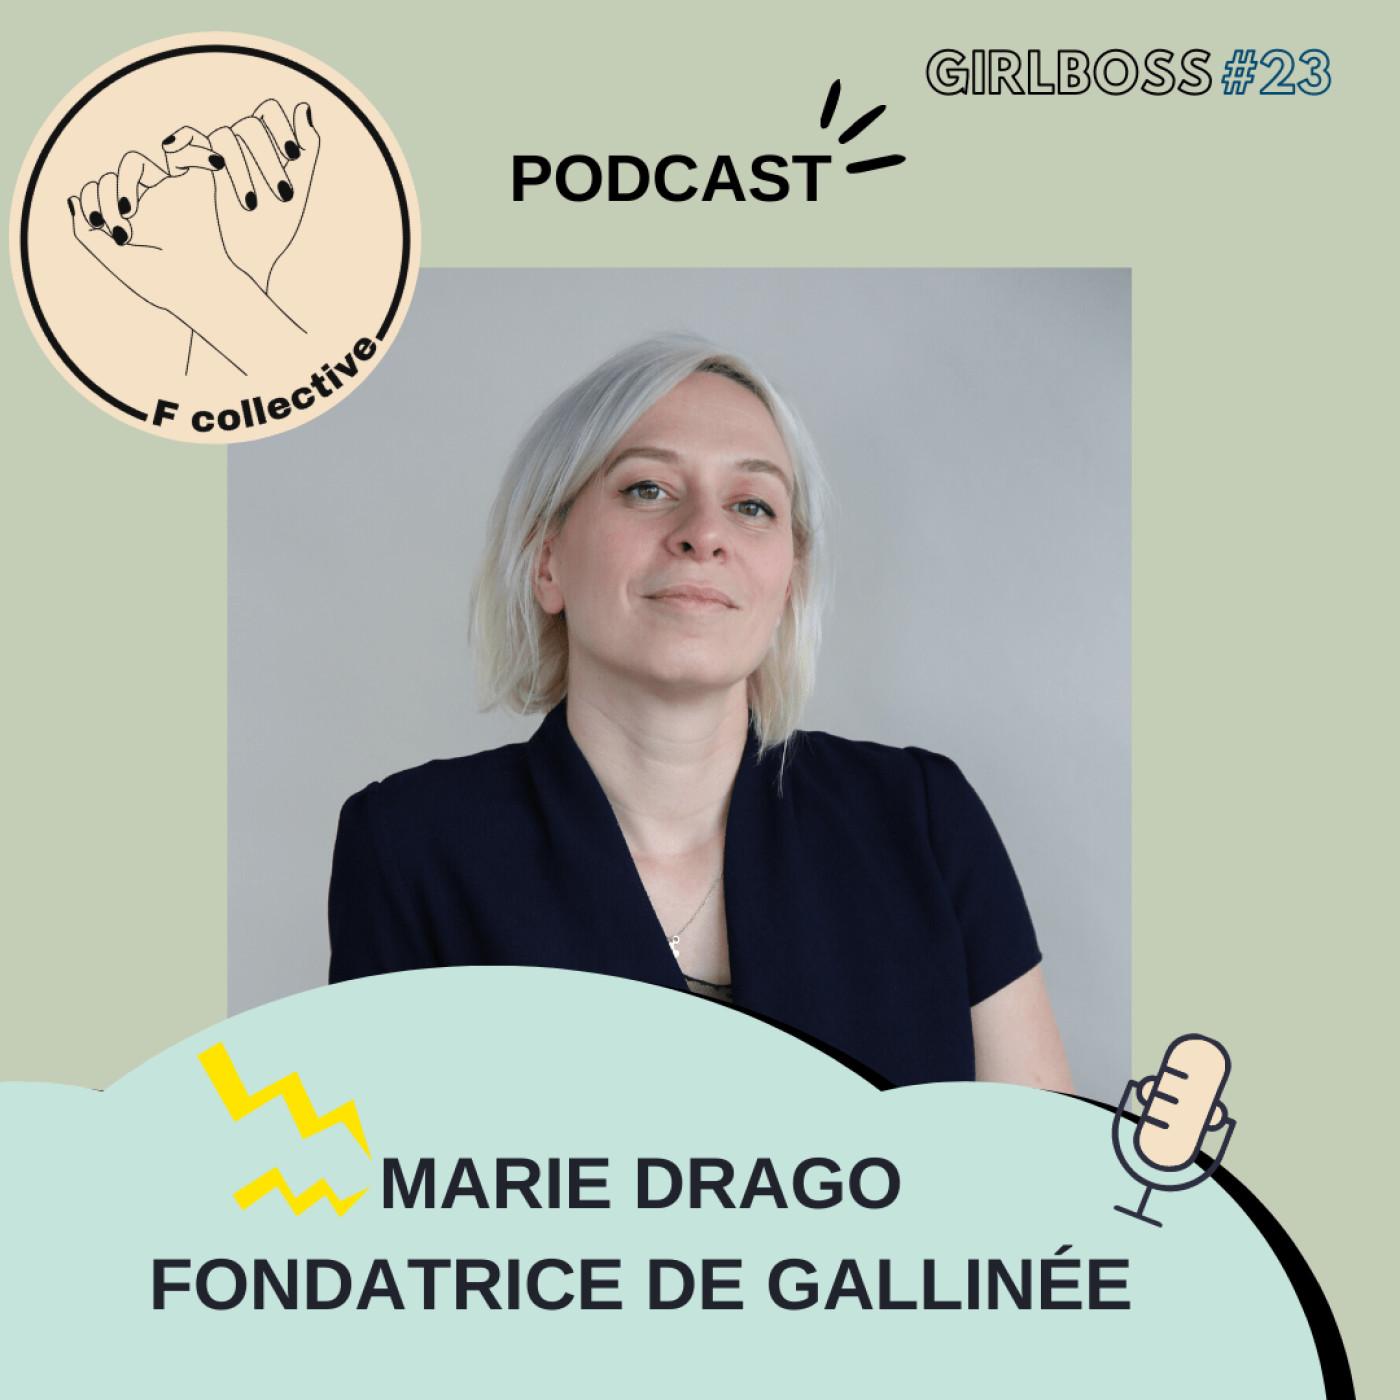 #23 Marie Drago - Fondatrice de Gallinée (marque de cosmétiques consacrée au microbiome - Londres